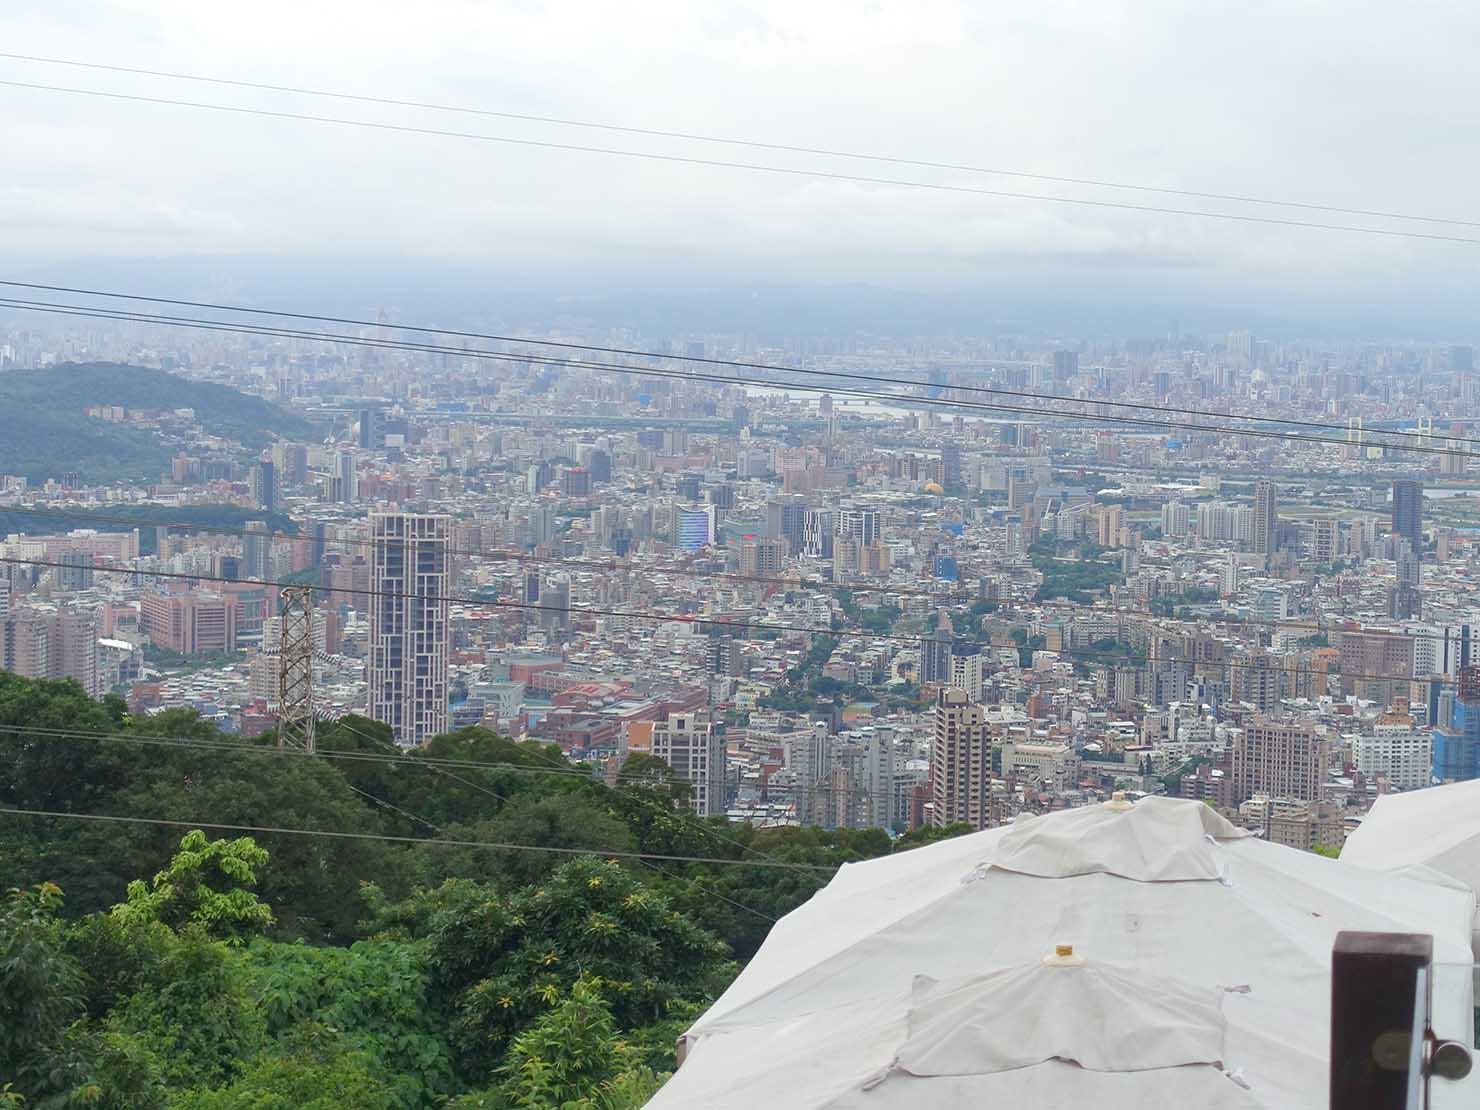 台北・陽明山のレストラン「草山夜未眠」から眺める台北の街